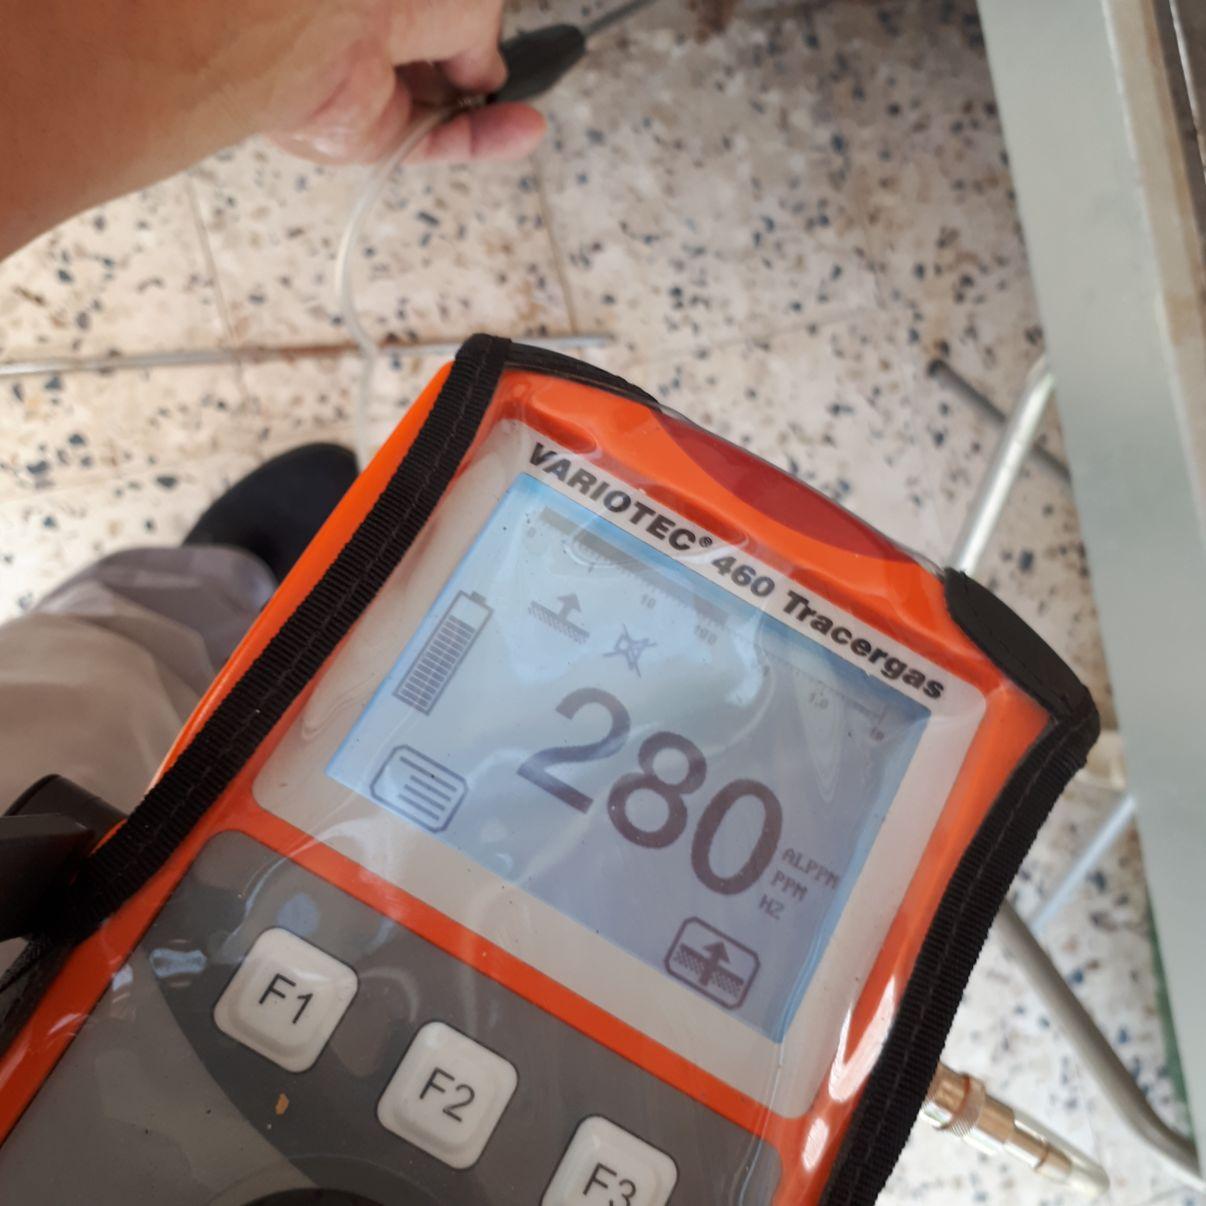 בלתי רגיל איתור נזילות מים - עופר מולכו - מומחה לאיתור נזילות ללא הרס. YK-82